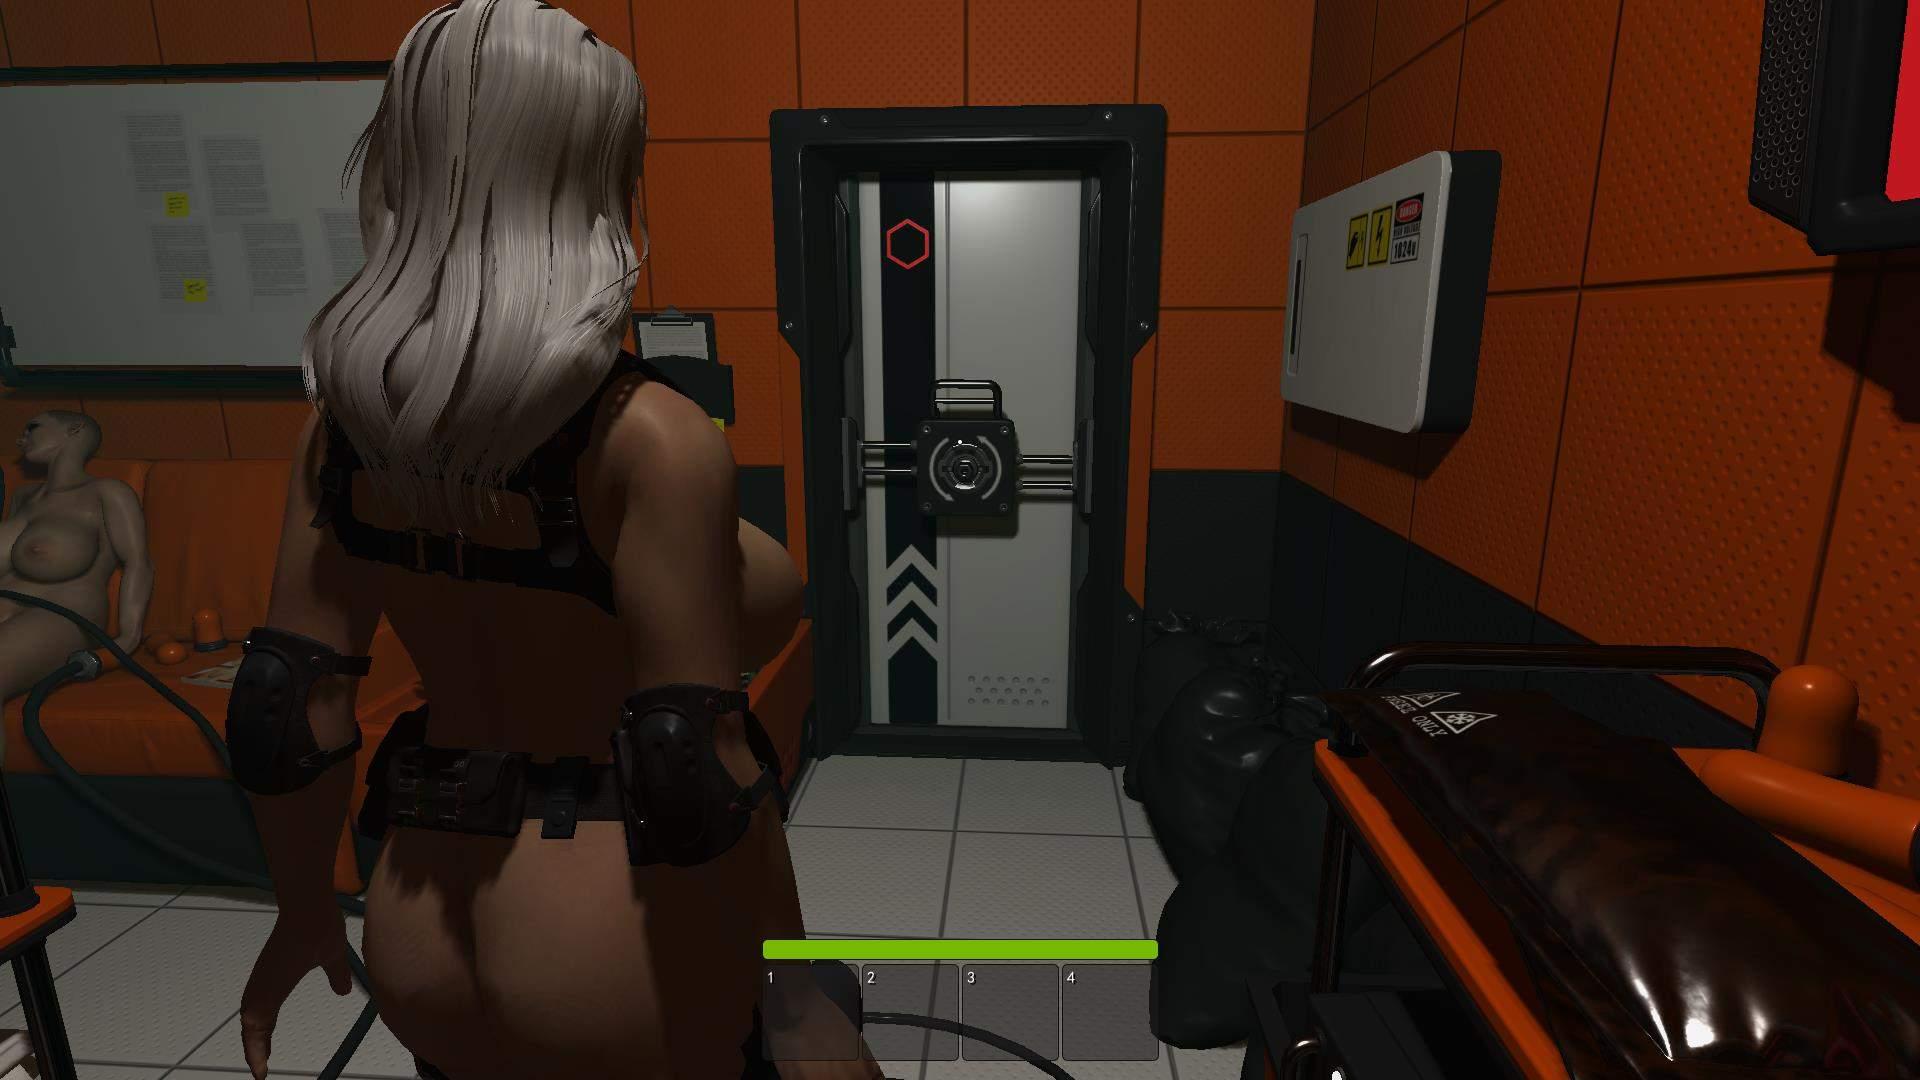 汝摇密室2-Haydee2 3DM中文汉化破解版 电脑端-第2张